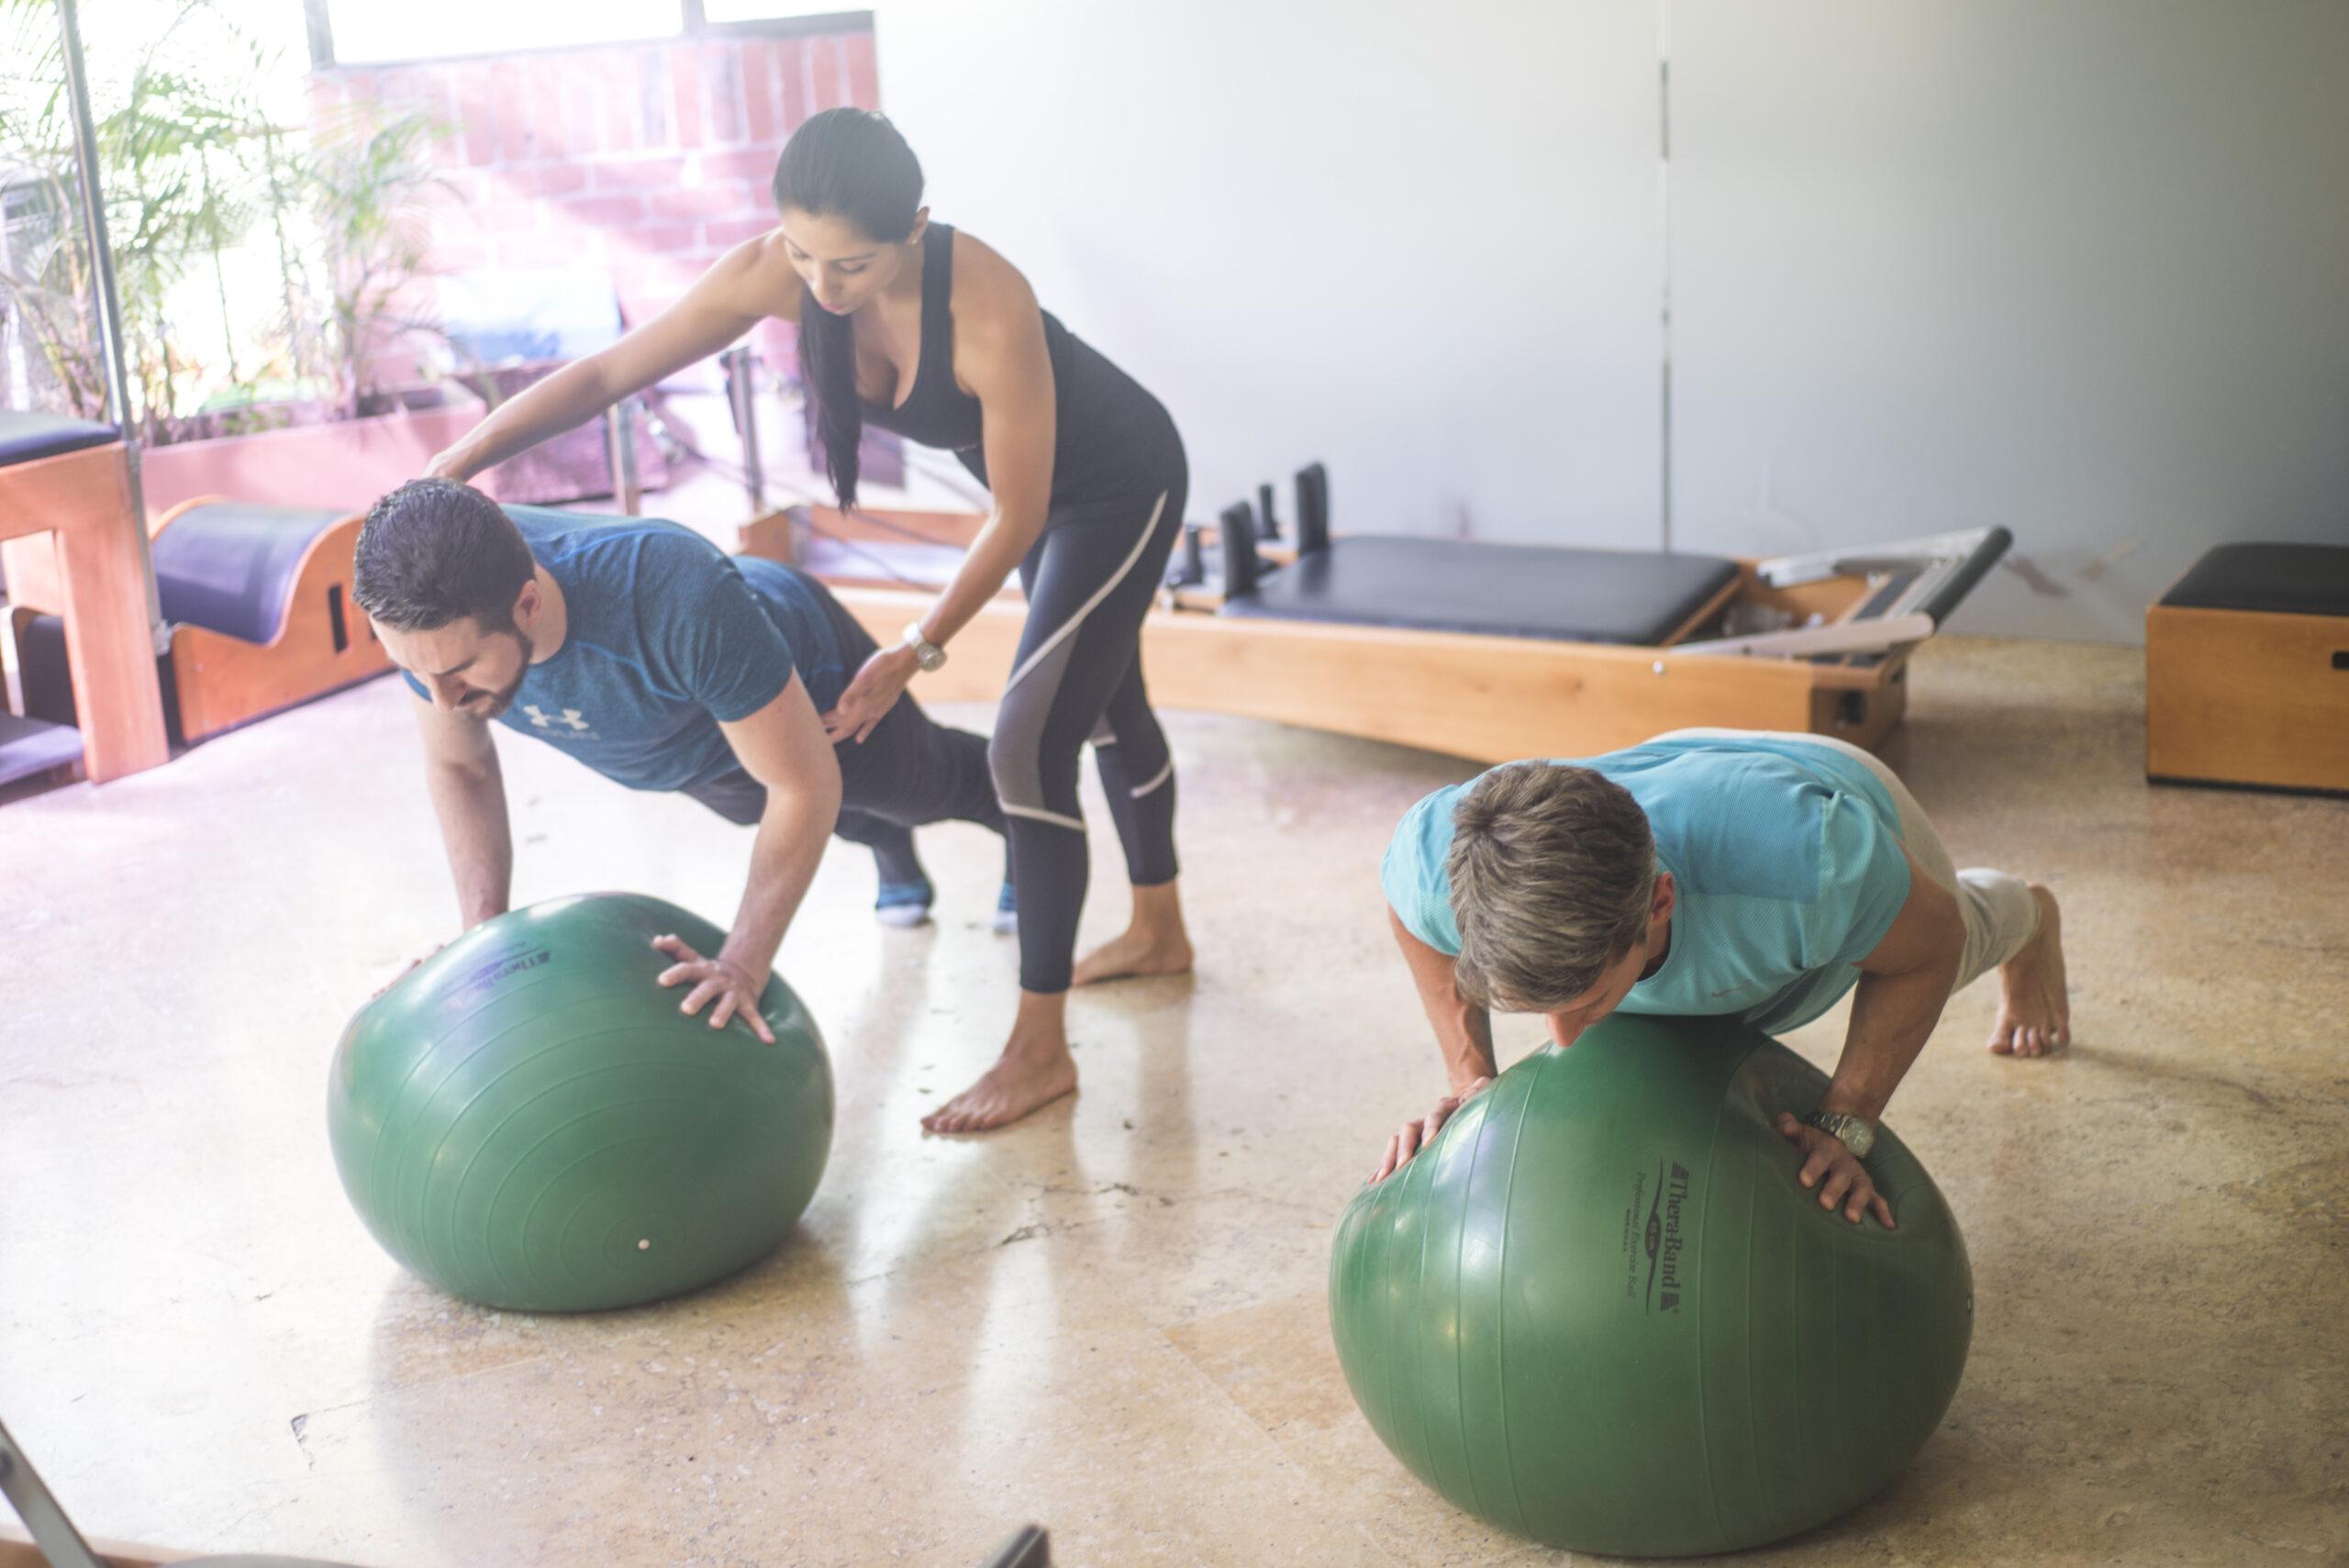 Aplicaciones en línea para hacer ejercicio. ¿La mejor manera de cuidar la salud?